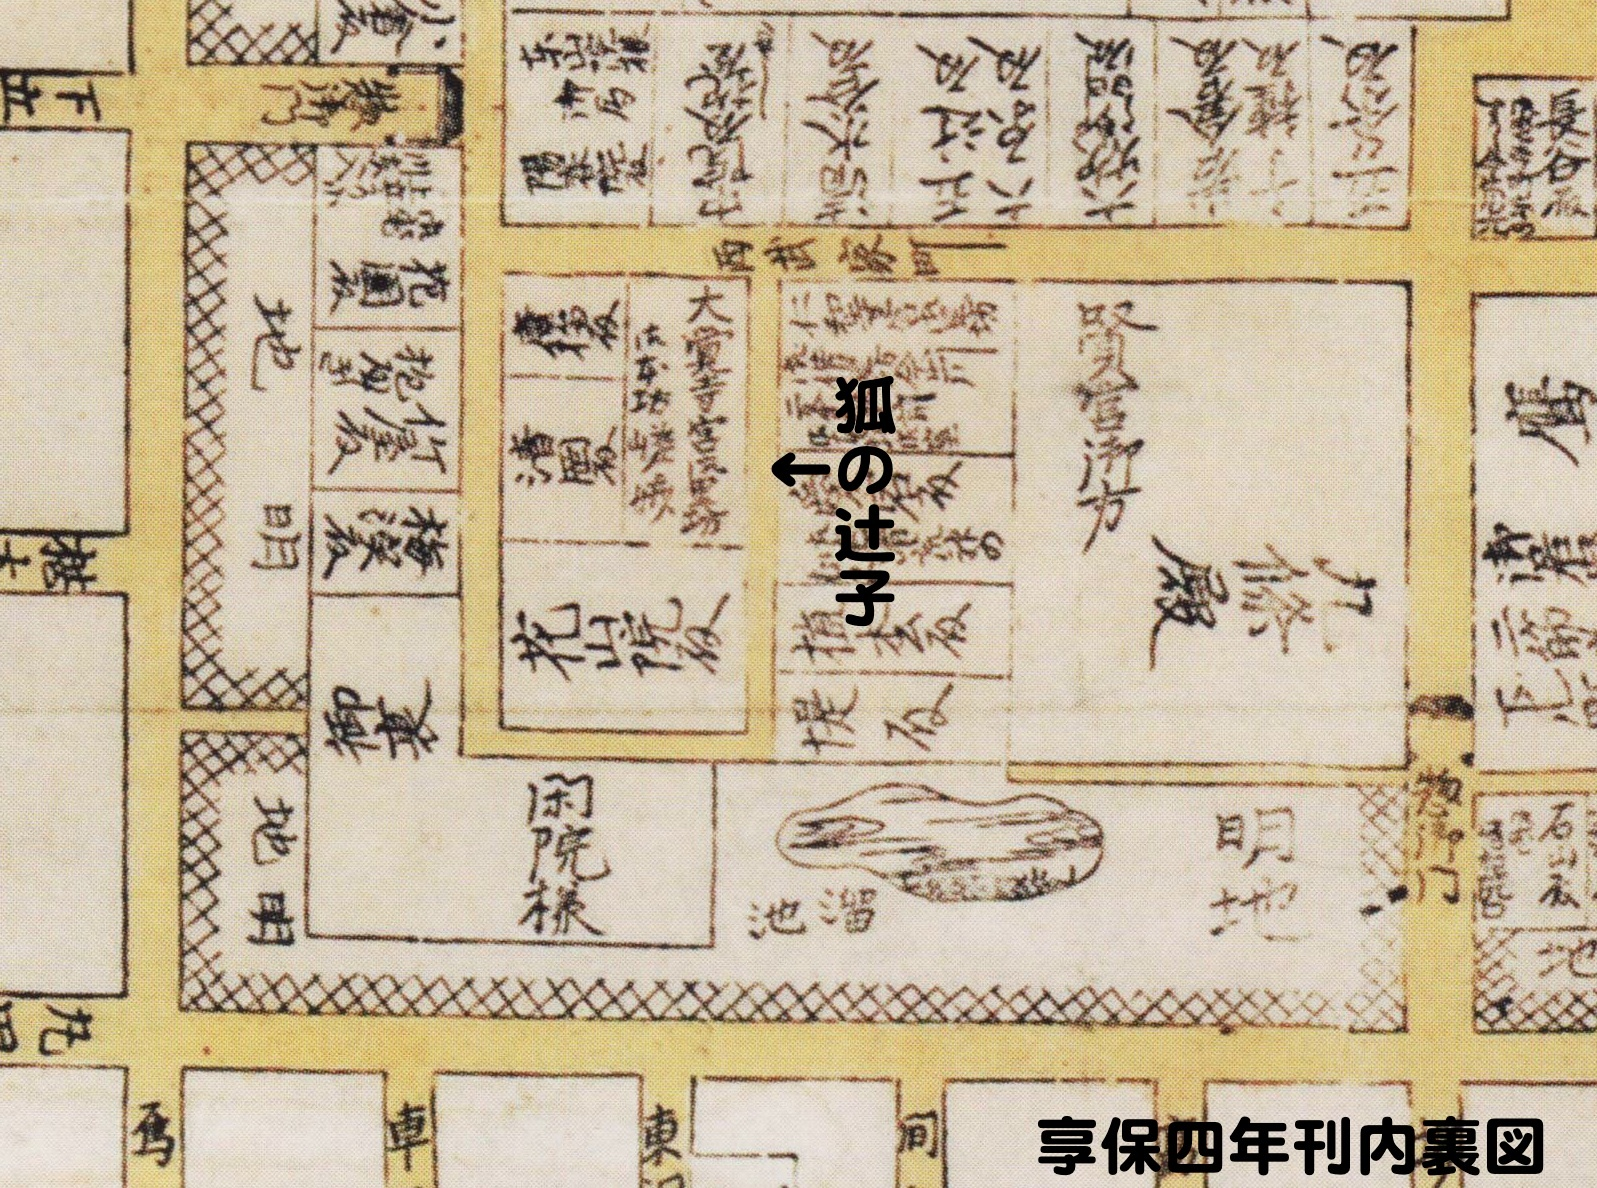 4:狐之辻子・享保四年刊内裏図